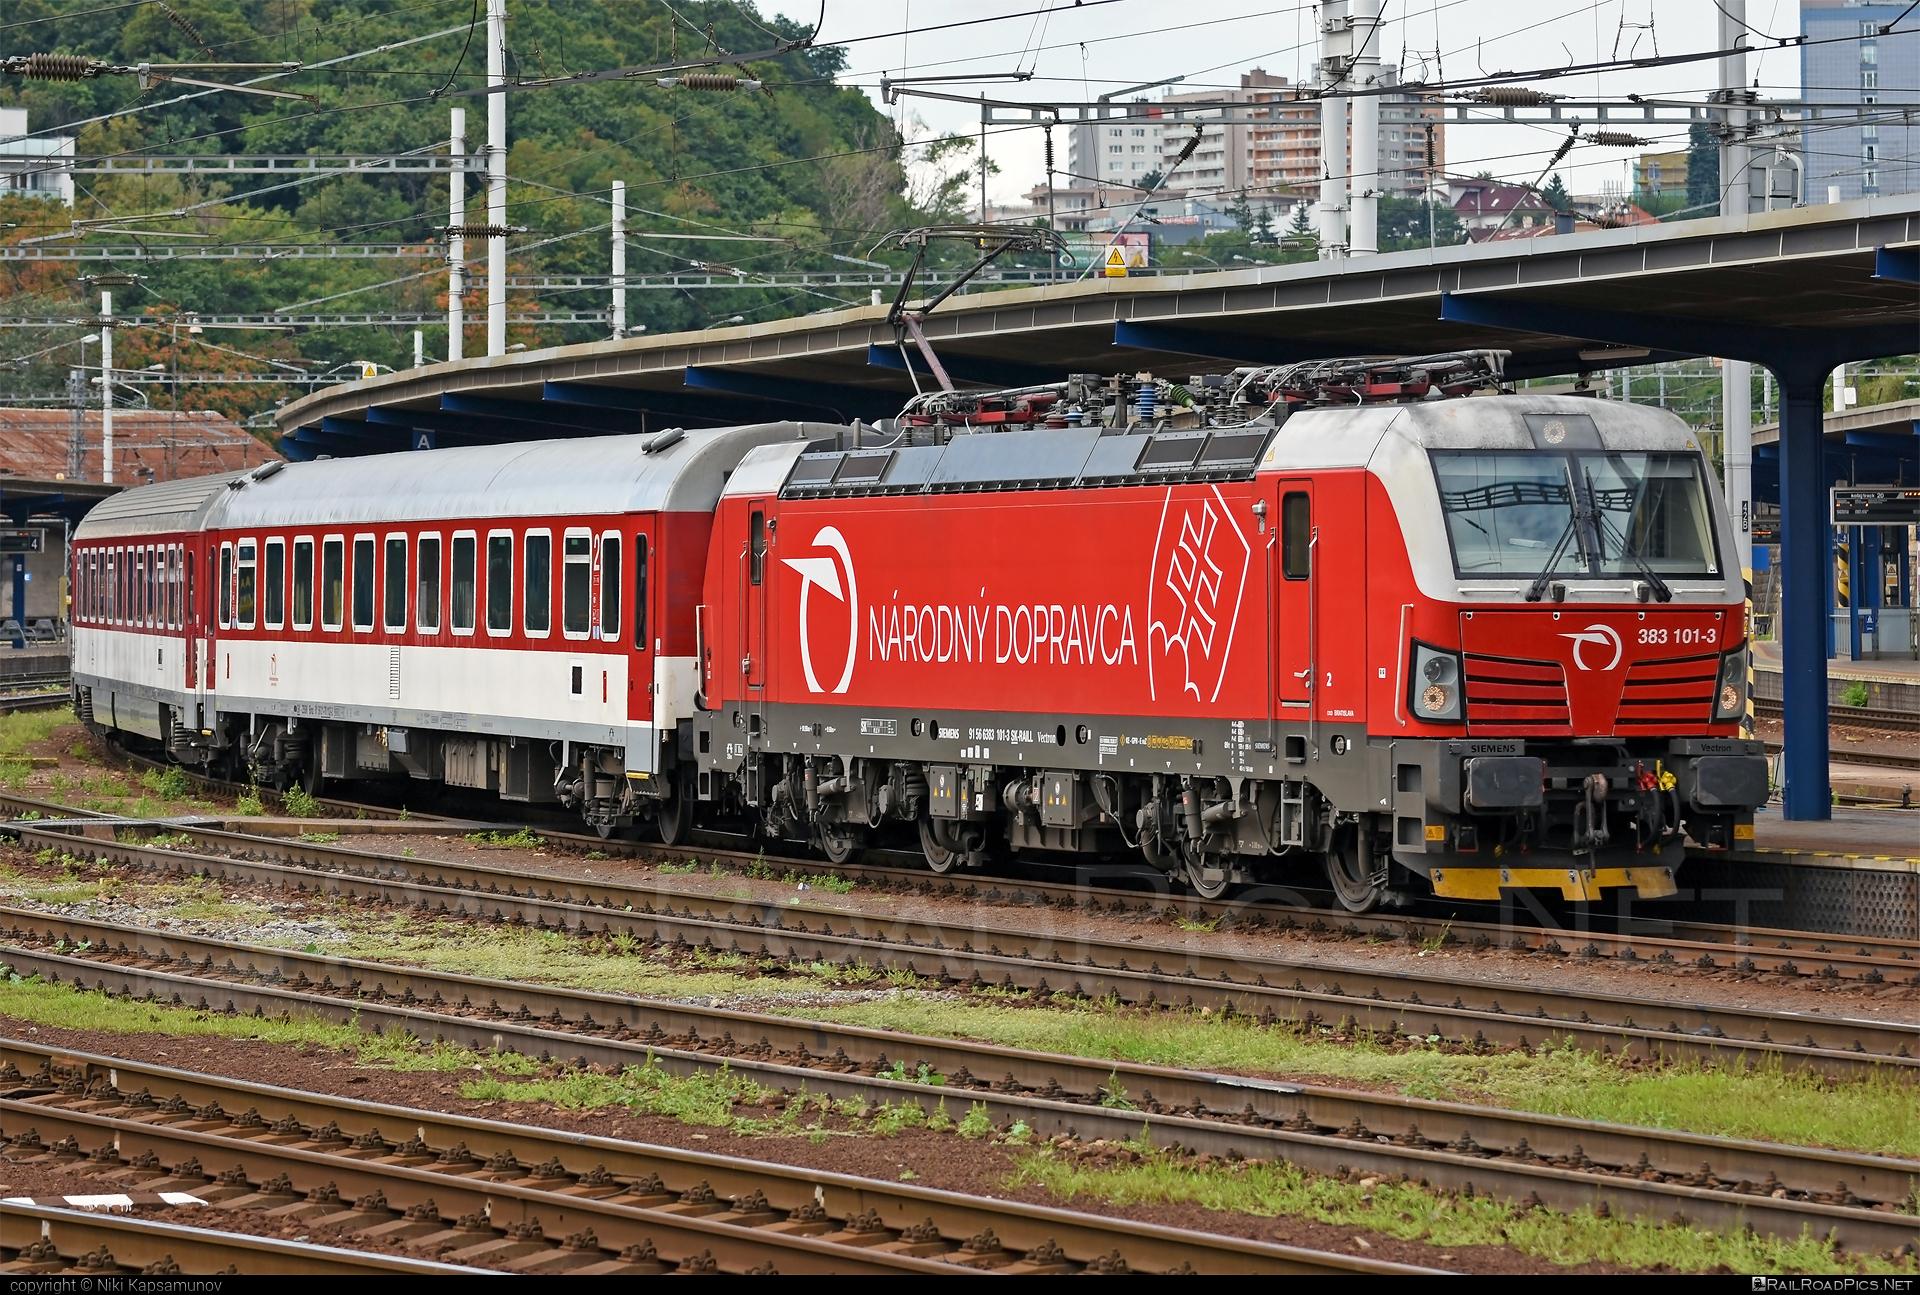 Siemens Vectron MS - 383 101-3 operated by Železničná Spoločnost' Slovensko, a.s. #SRailLease #SRailLeaseSro #ZeleznicnaSpolocnostSlovensko #raill #siemens #siemensvectron #siemensvectronms #vectron #vectronms #zssk